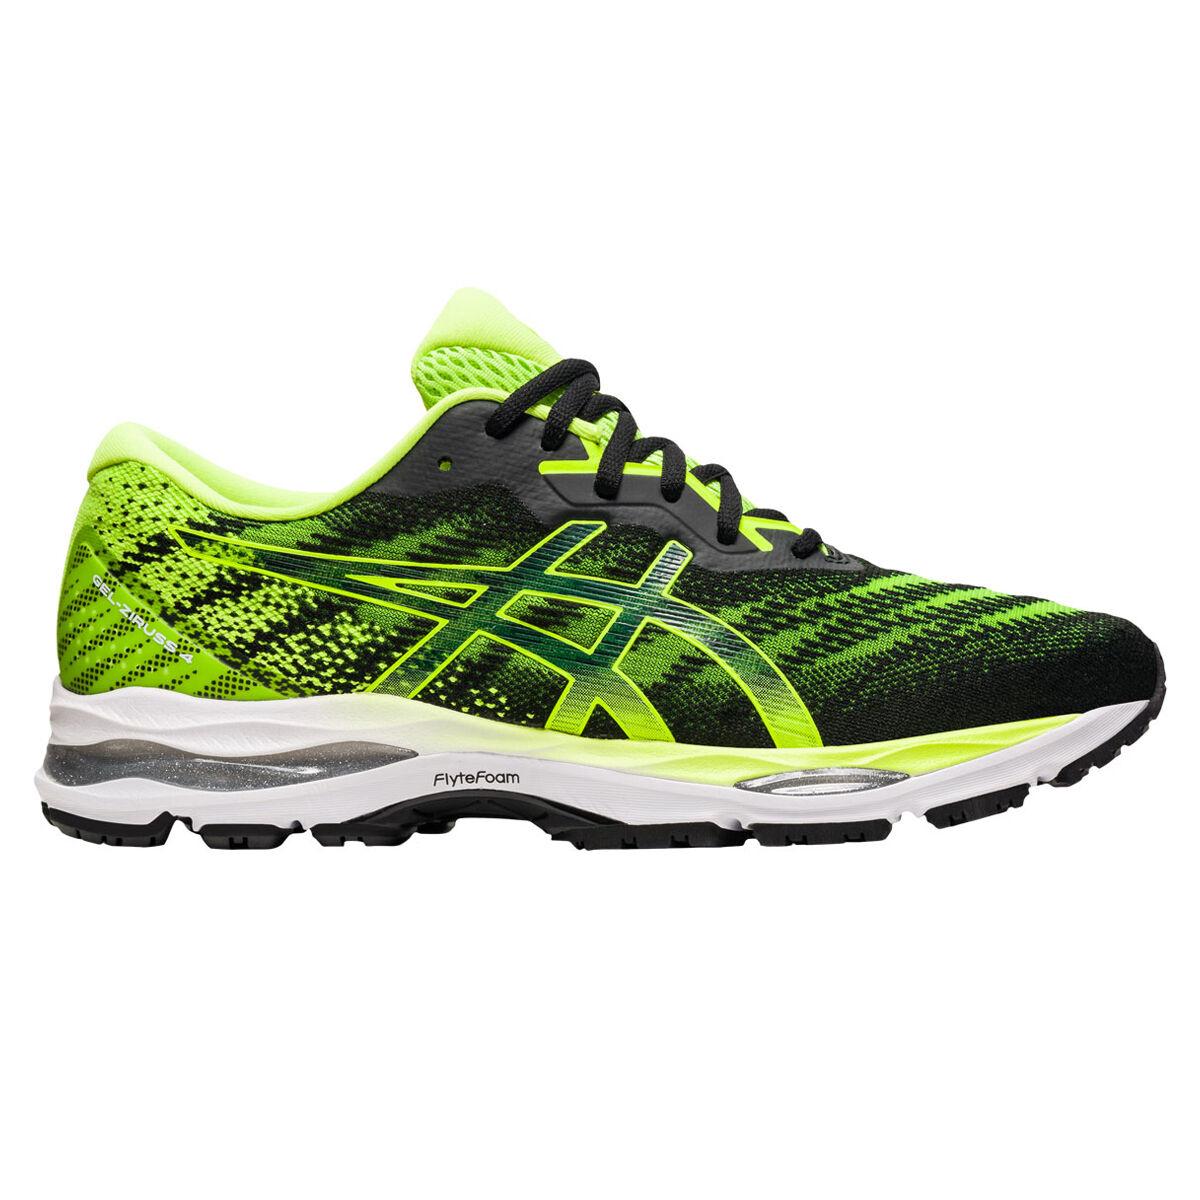 Asics GEL Ziruss 4 Mens Running Shoes | Thesommelierchef Sport